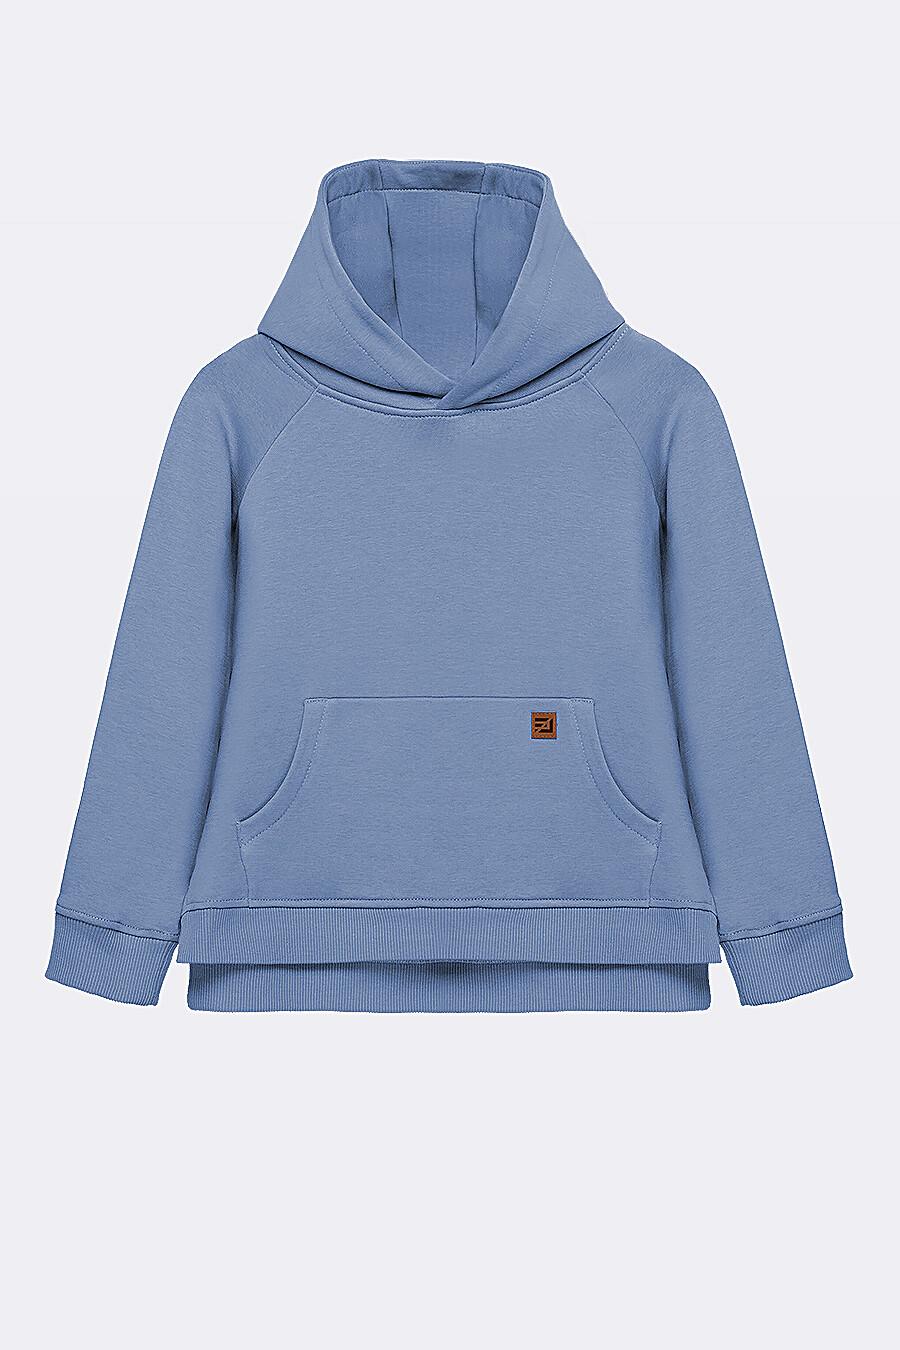 Худи для мальчиков EZANNA 682072 купить оптом от производителя. Совместная покупка детской одежды в OptMoyo